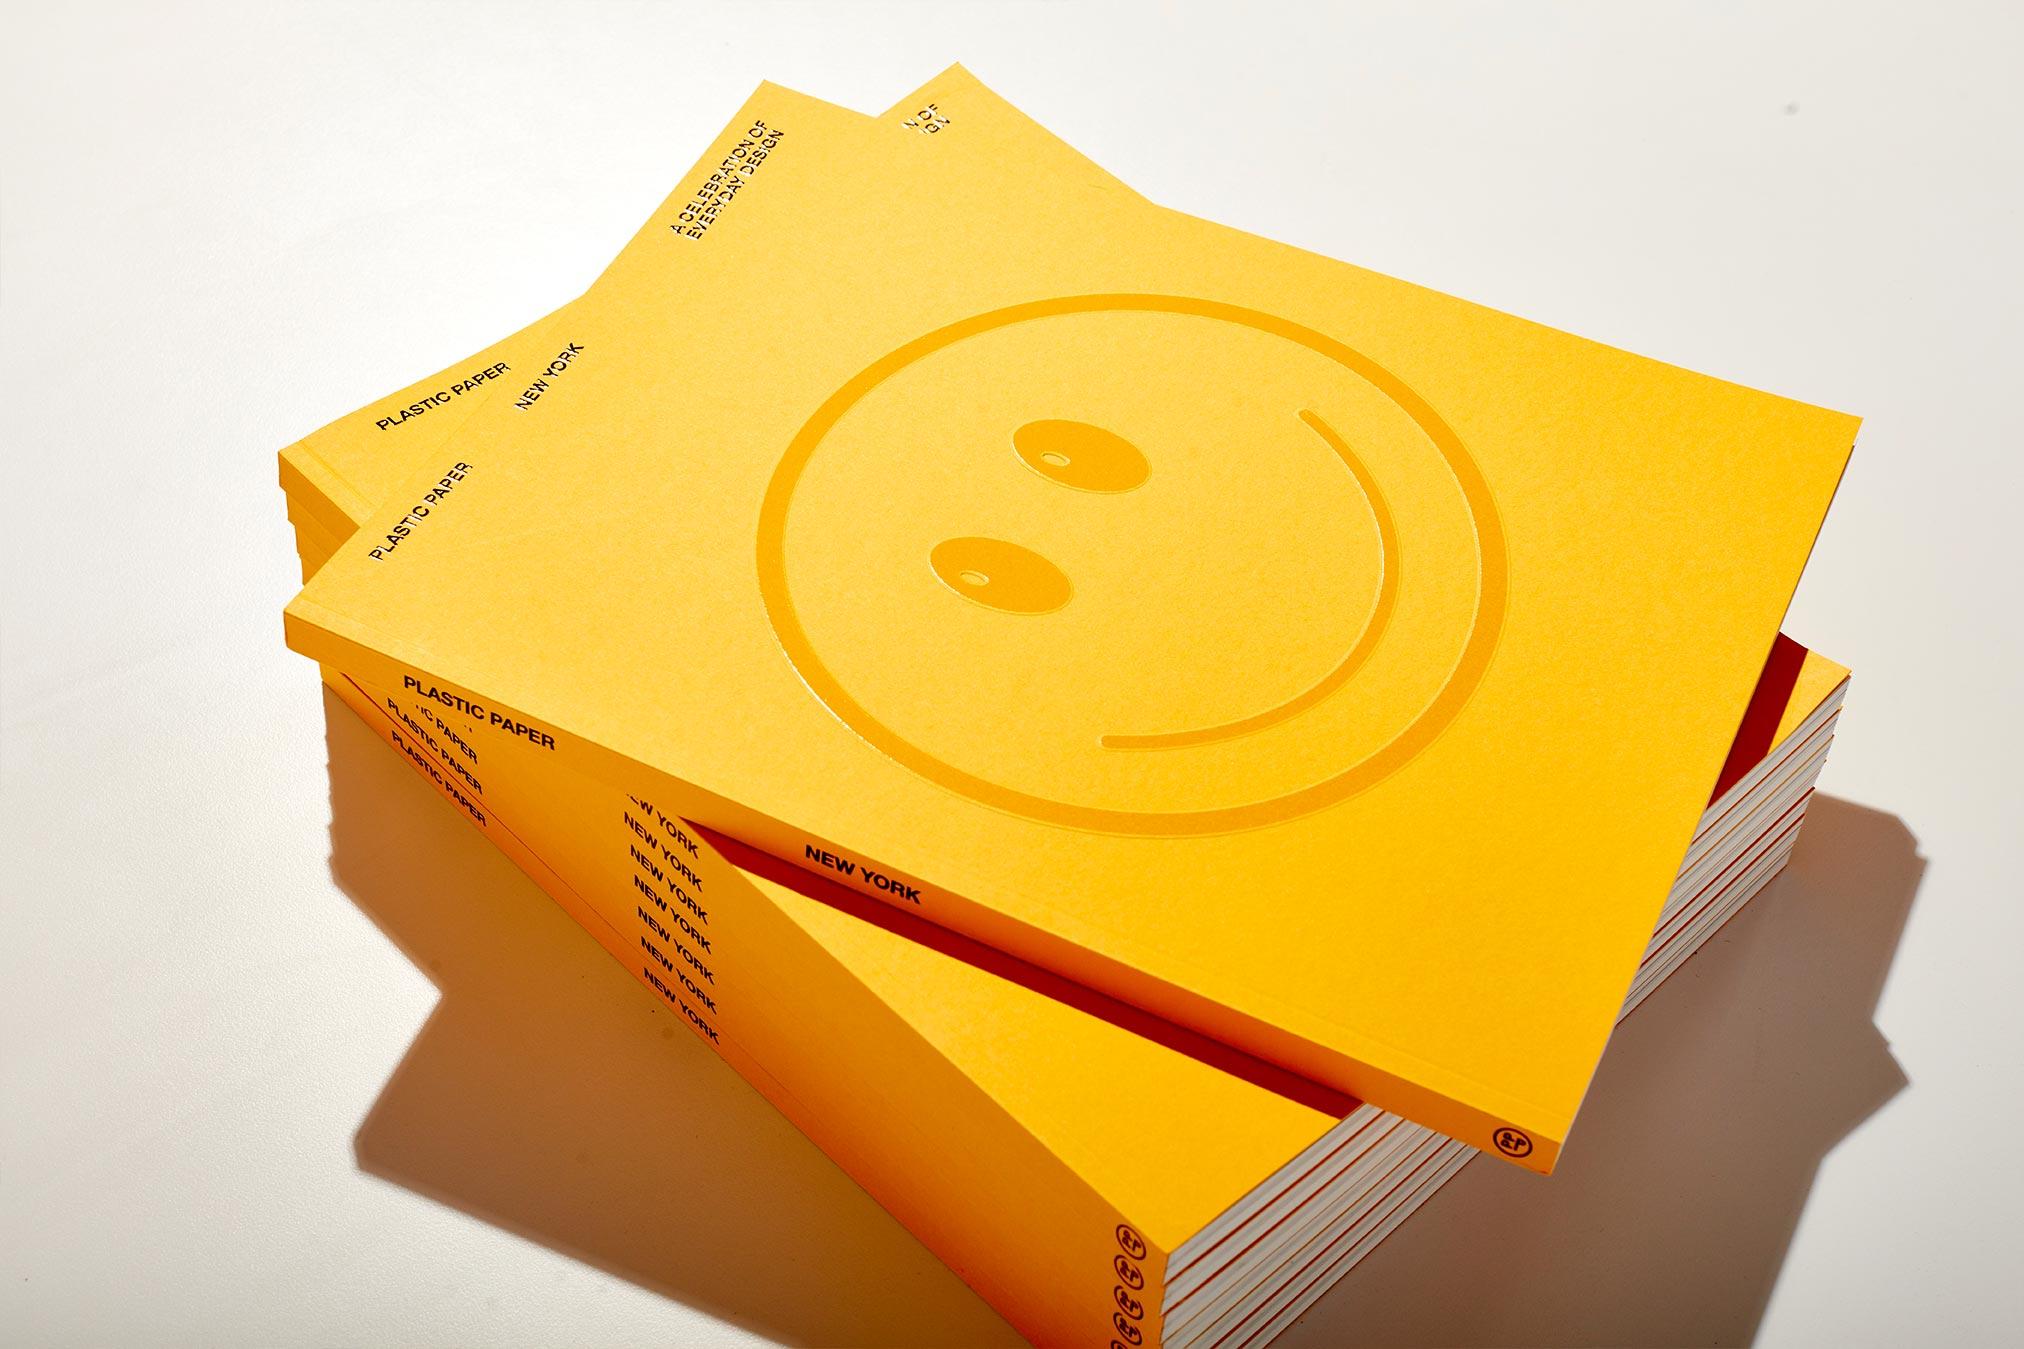 Plastic Paper Book